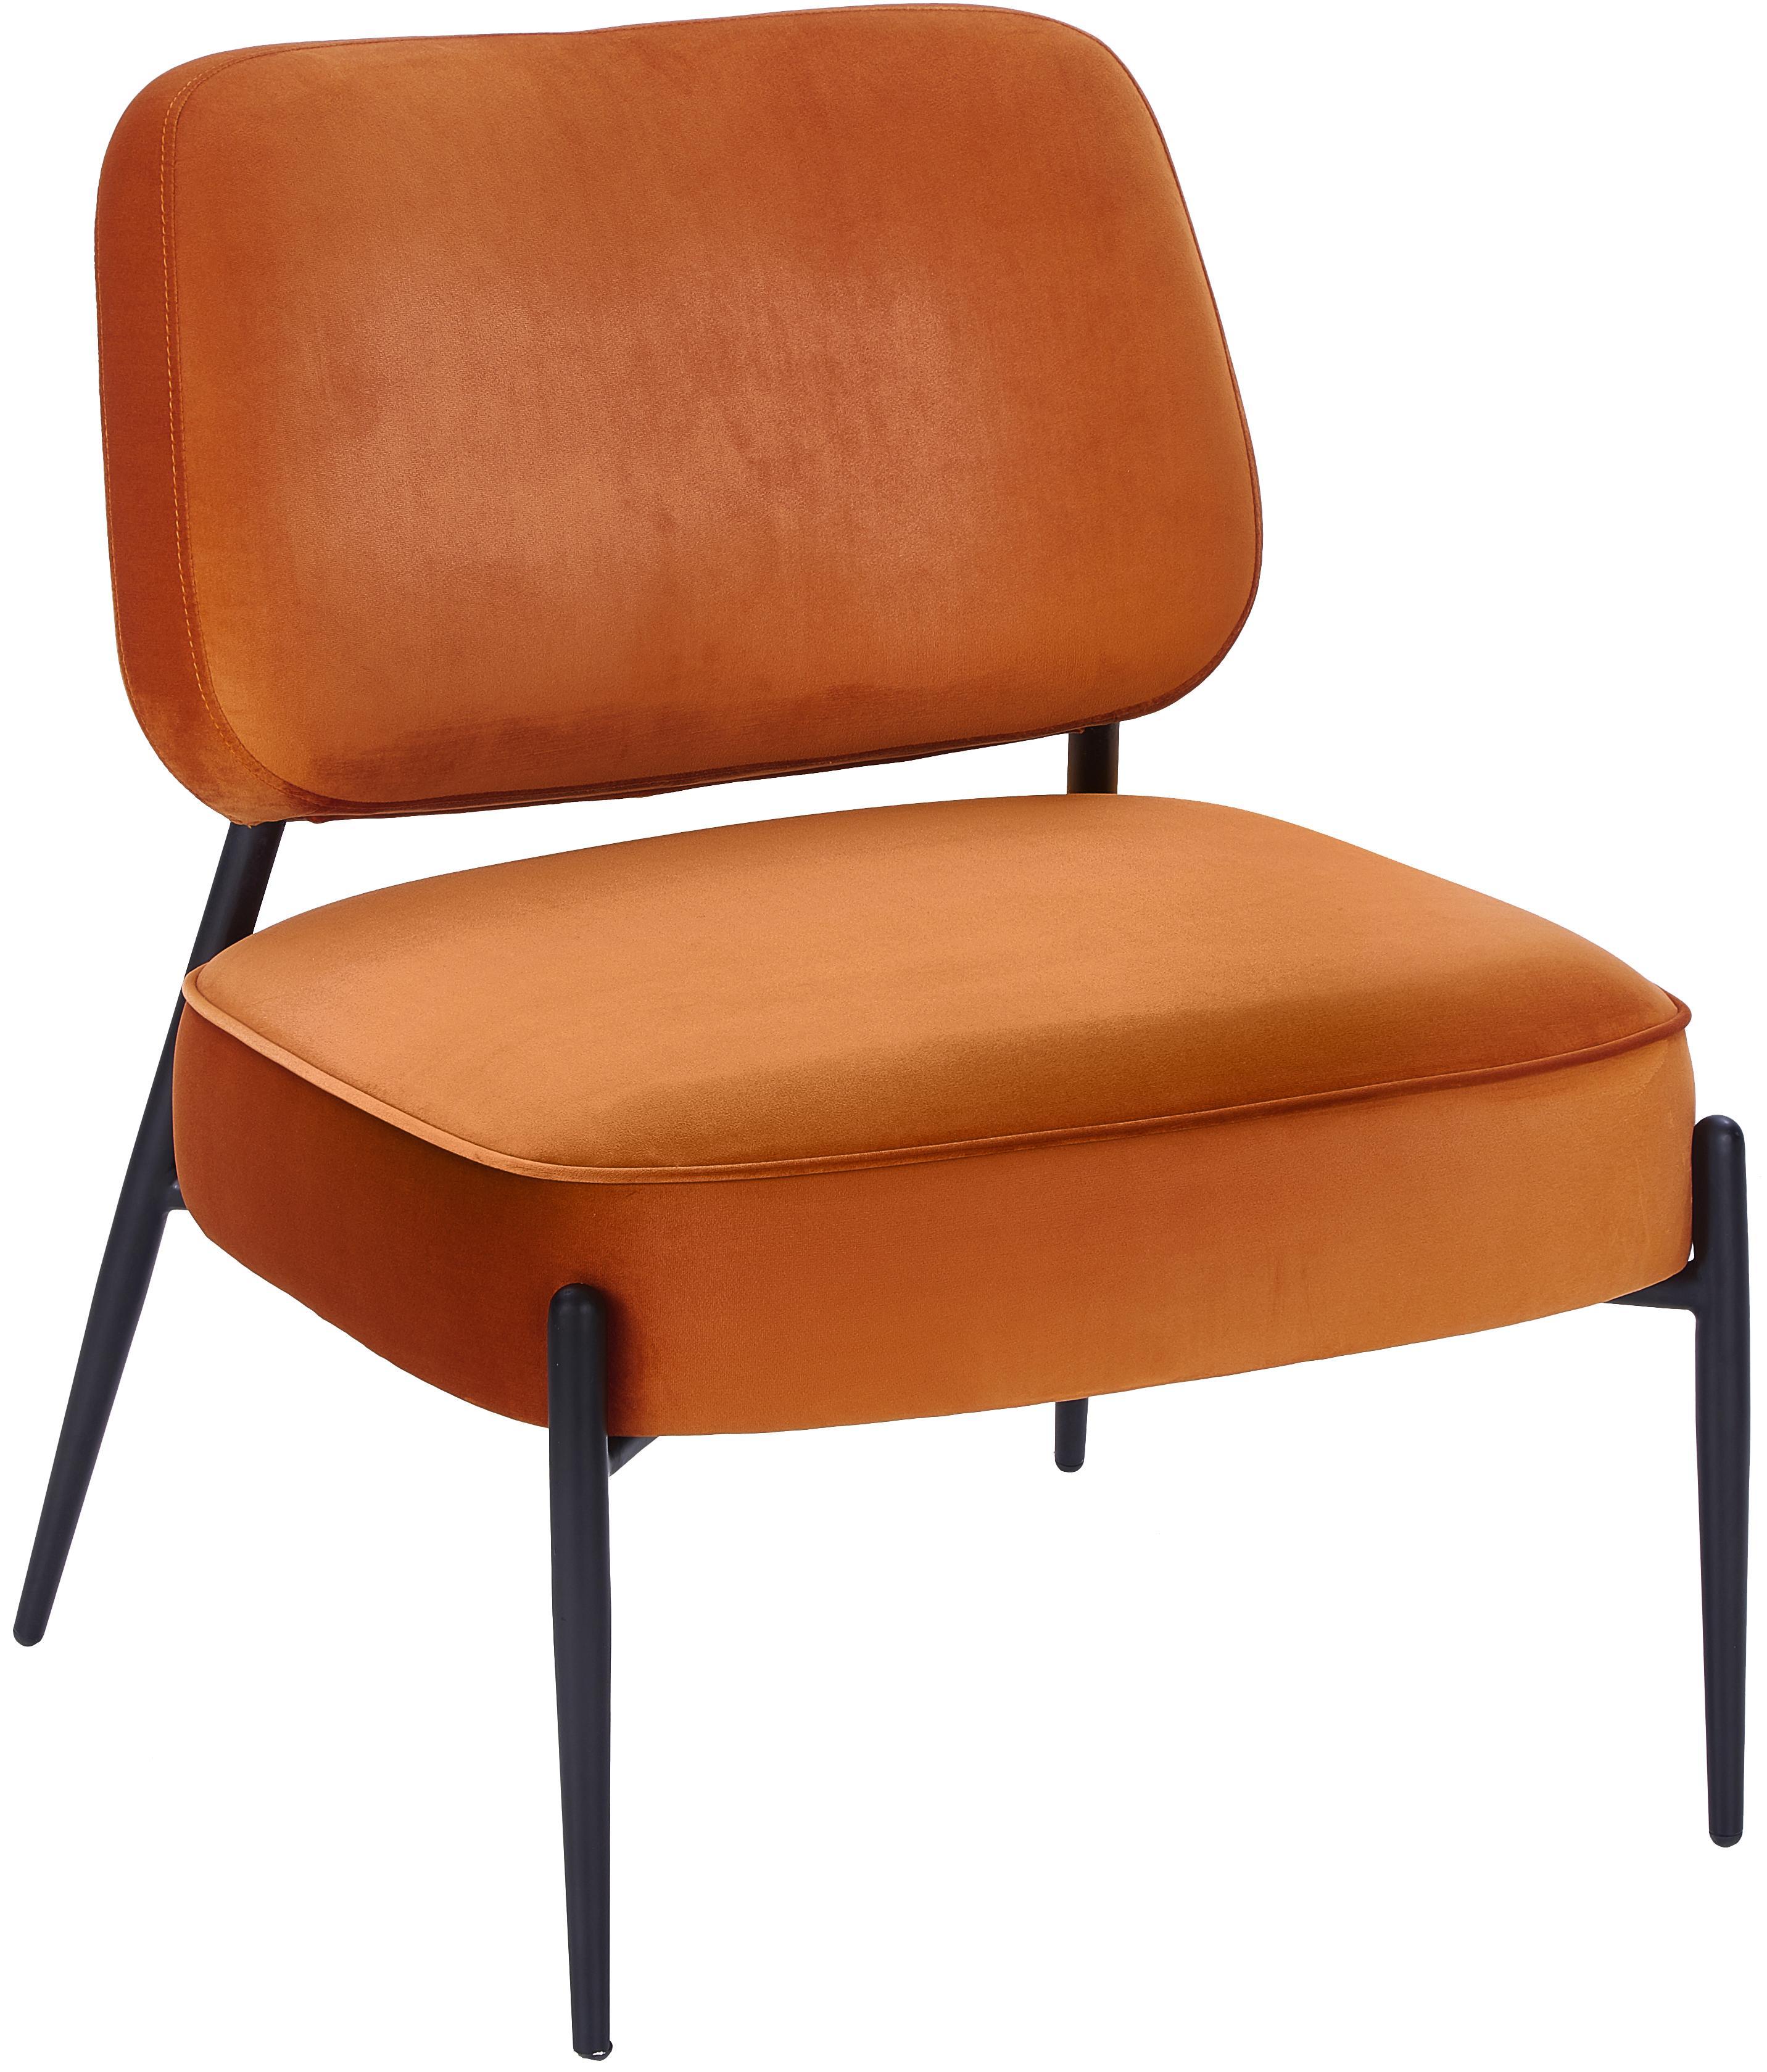 Samt-Loungesessel Viggo, Bezug: Samt (Polyester) 50.000 S, Beine: Metall, pulverbeschichtet, Samt Orange, B 62 x T 67cm